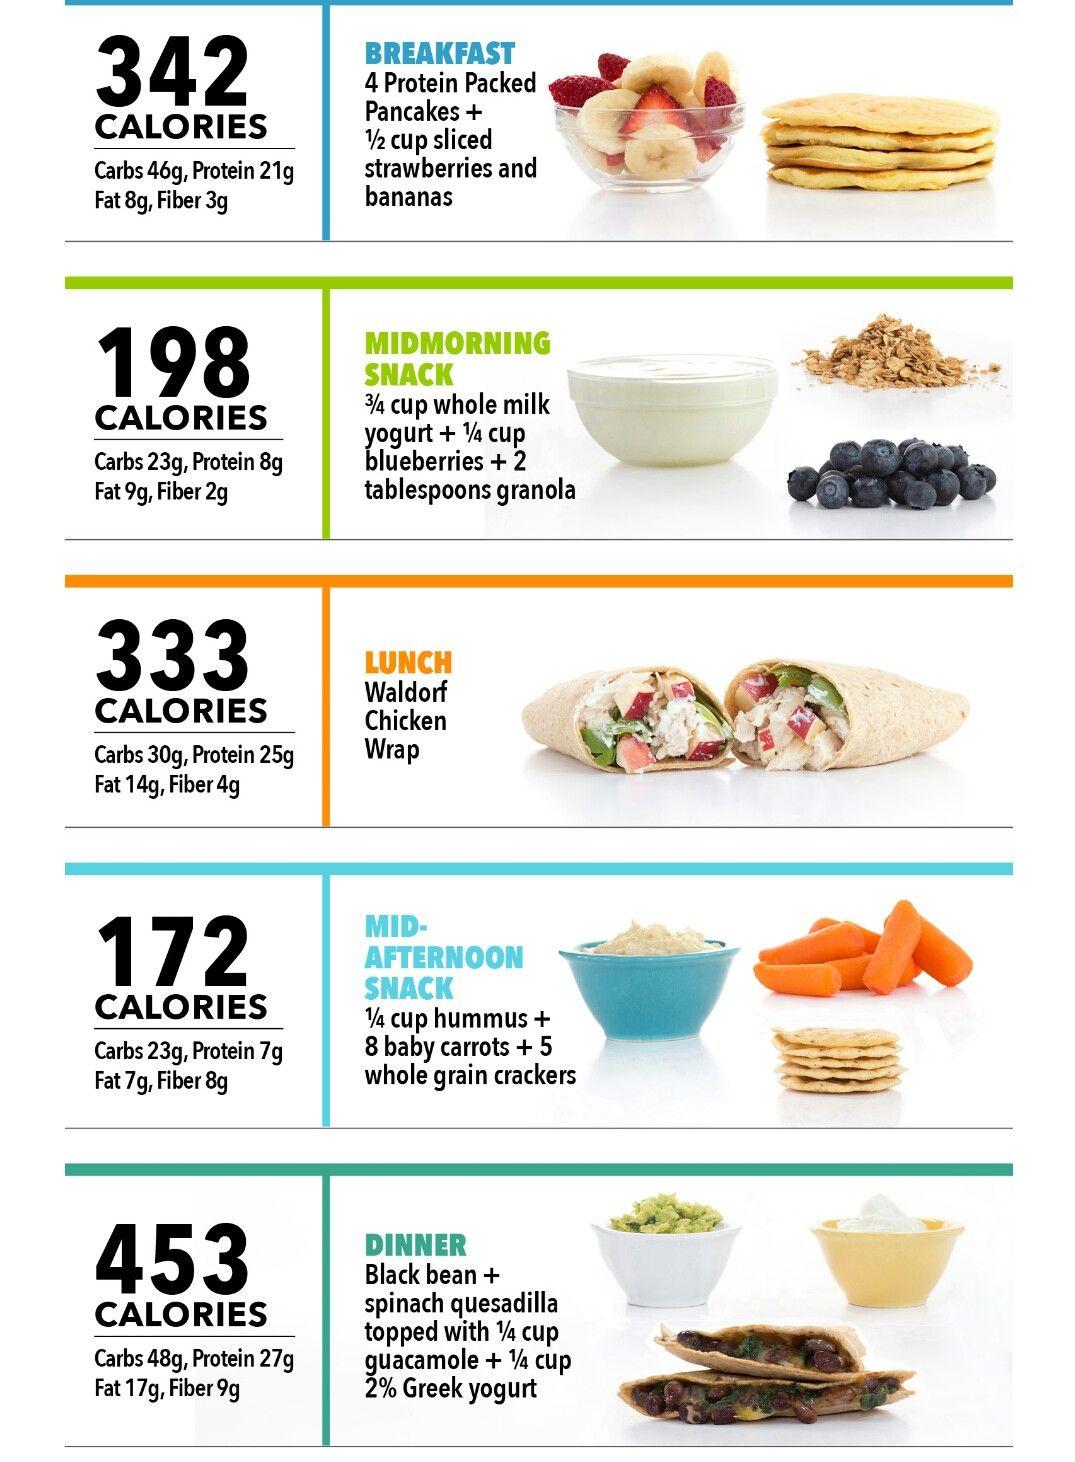 Pin de ilya aguirre en dieta dietas comida y vida sana - Comidas sanas y bajas en calorias ...